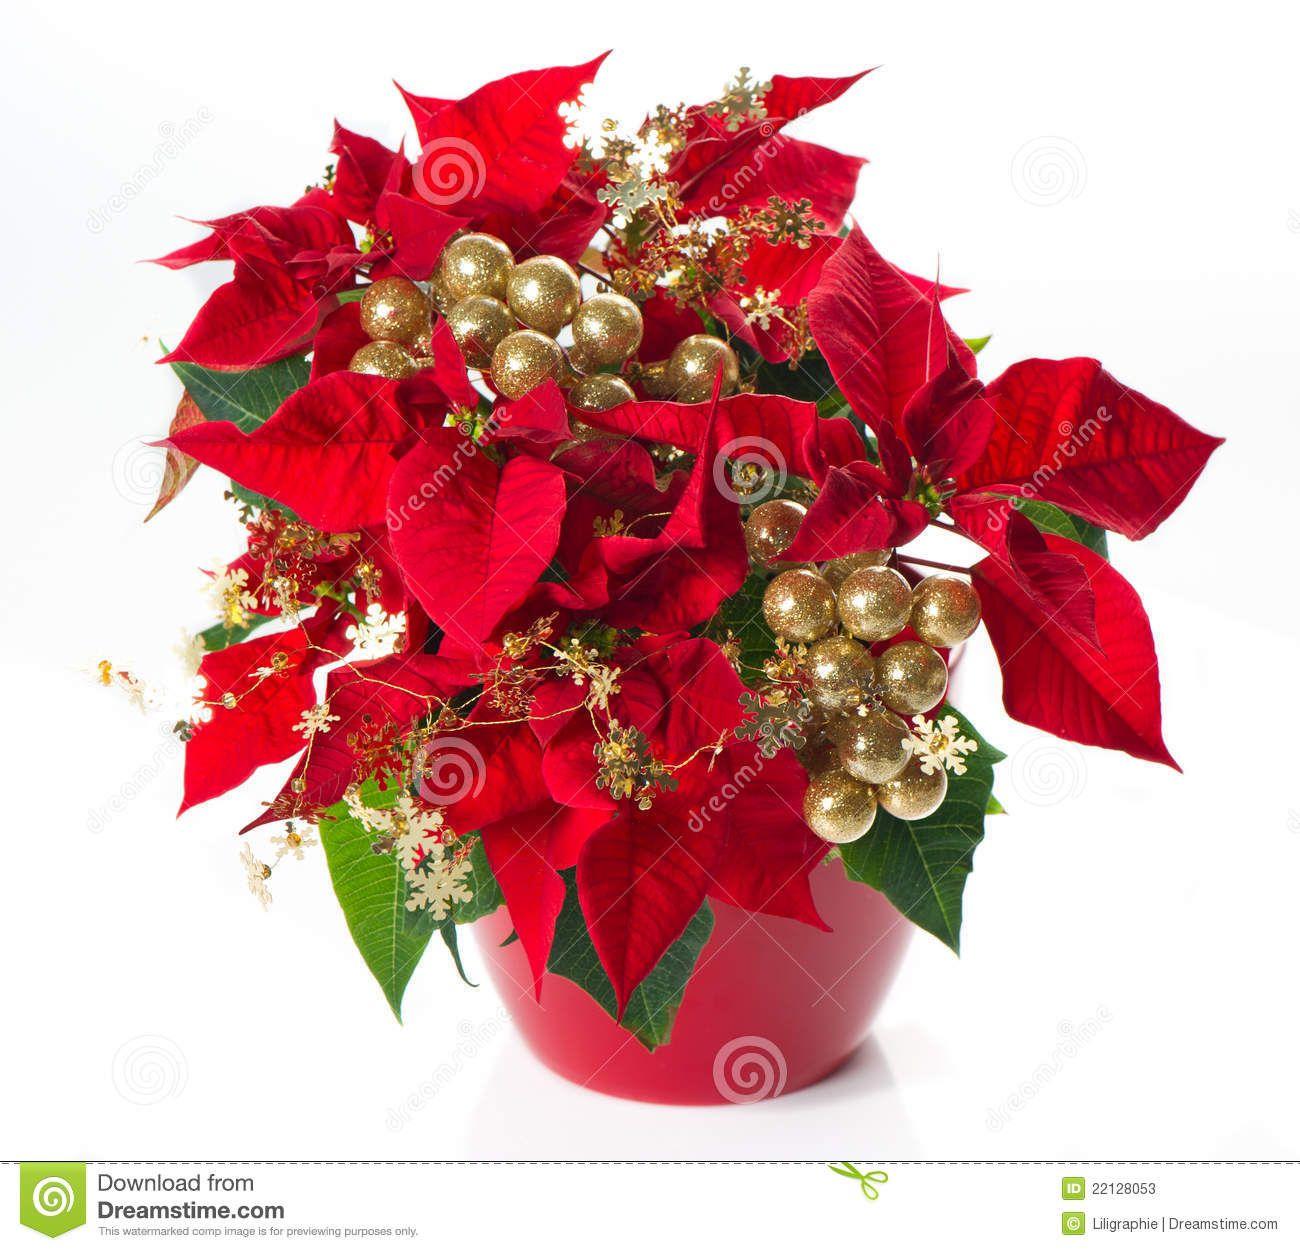 Red Poinsettia Christmas Flower Golden Deco 22128053g 13001251